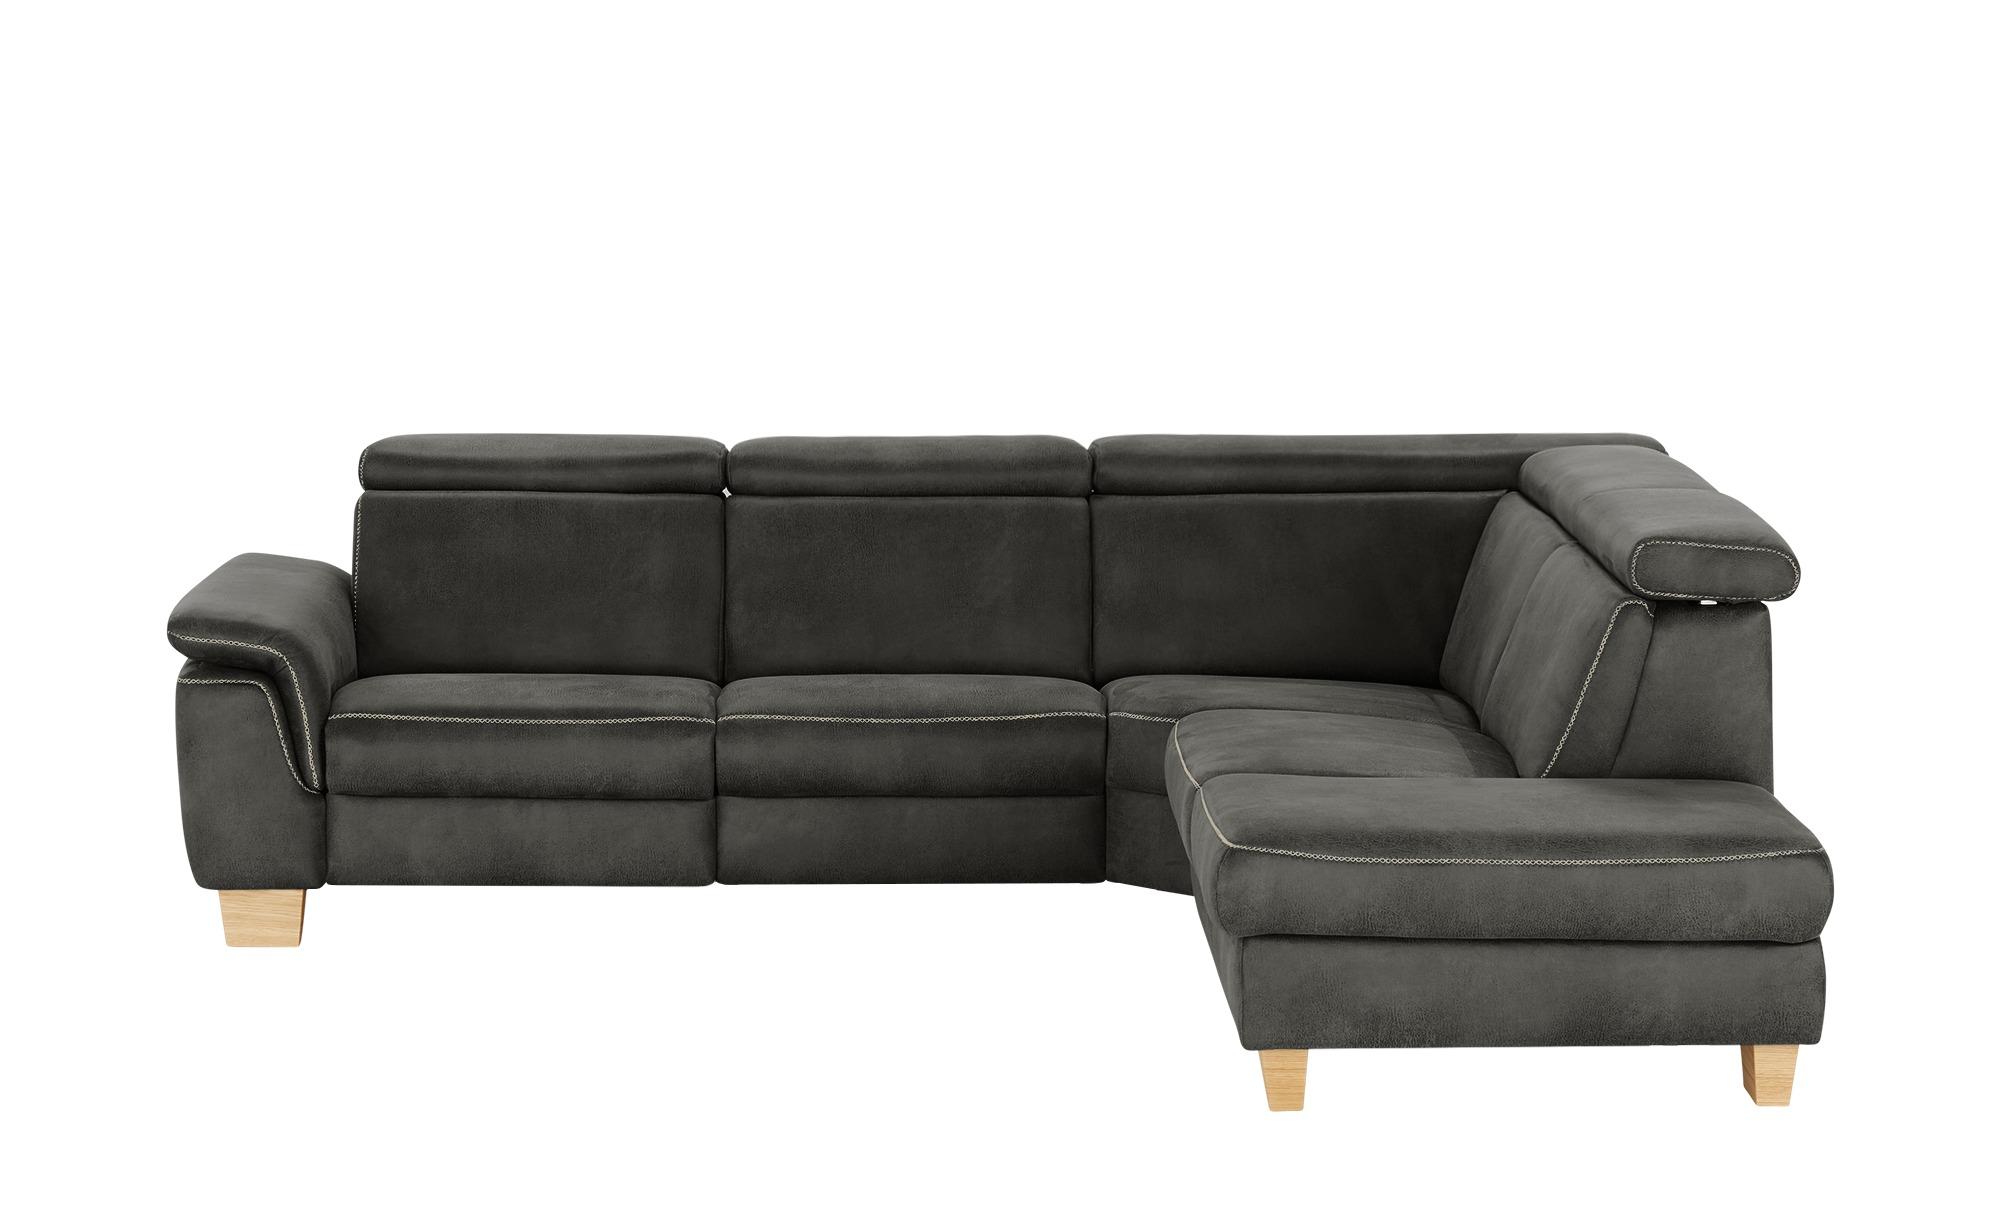 Mein Sofa bold Ecksofa  Beata